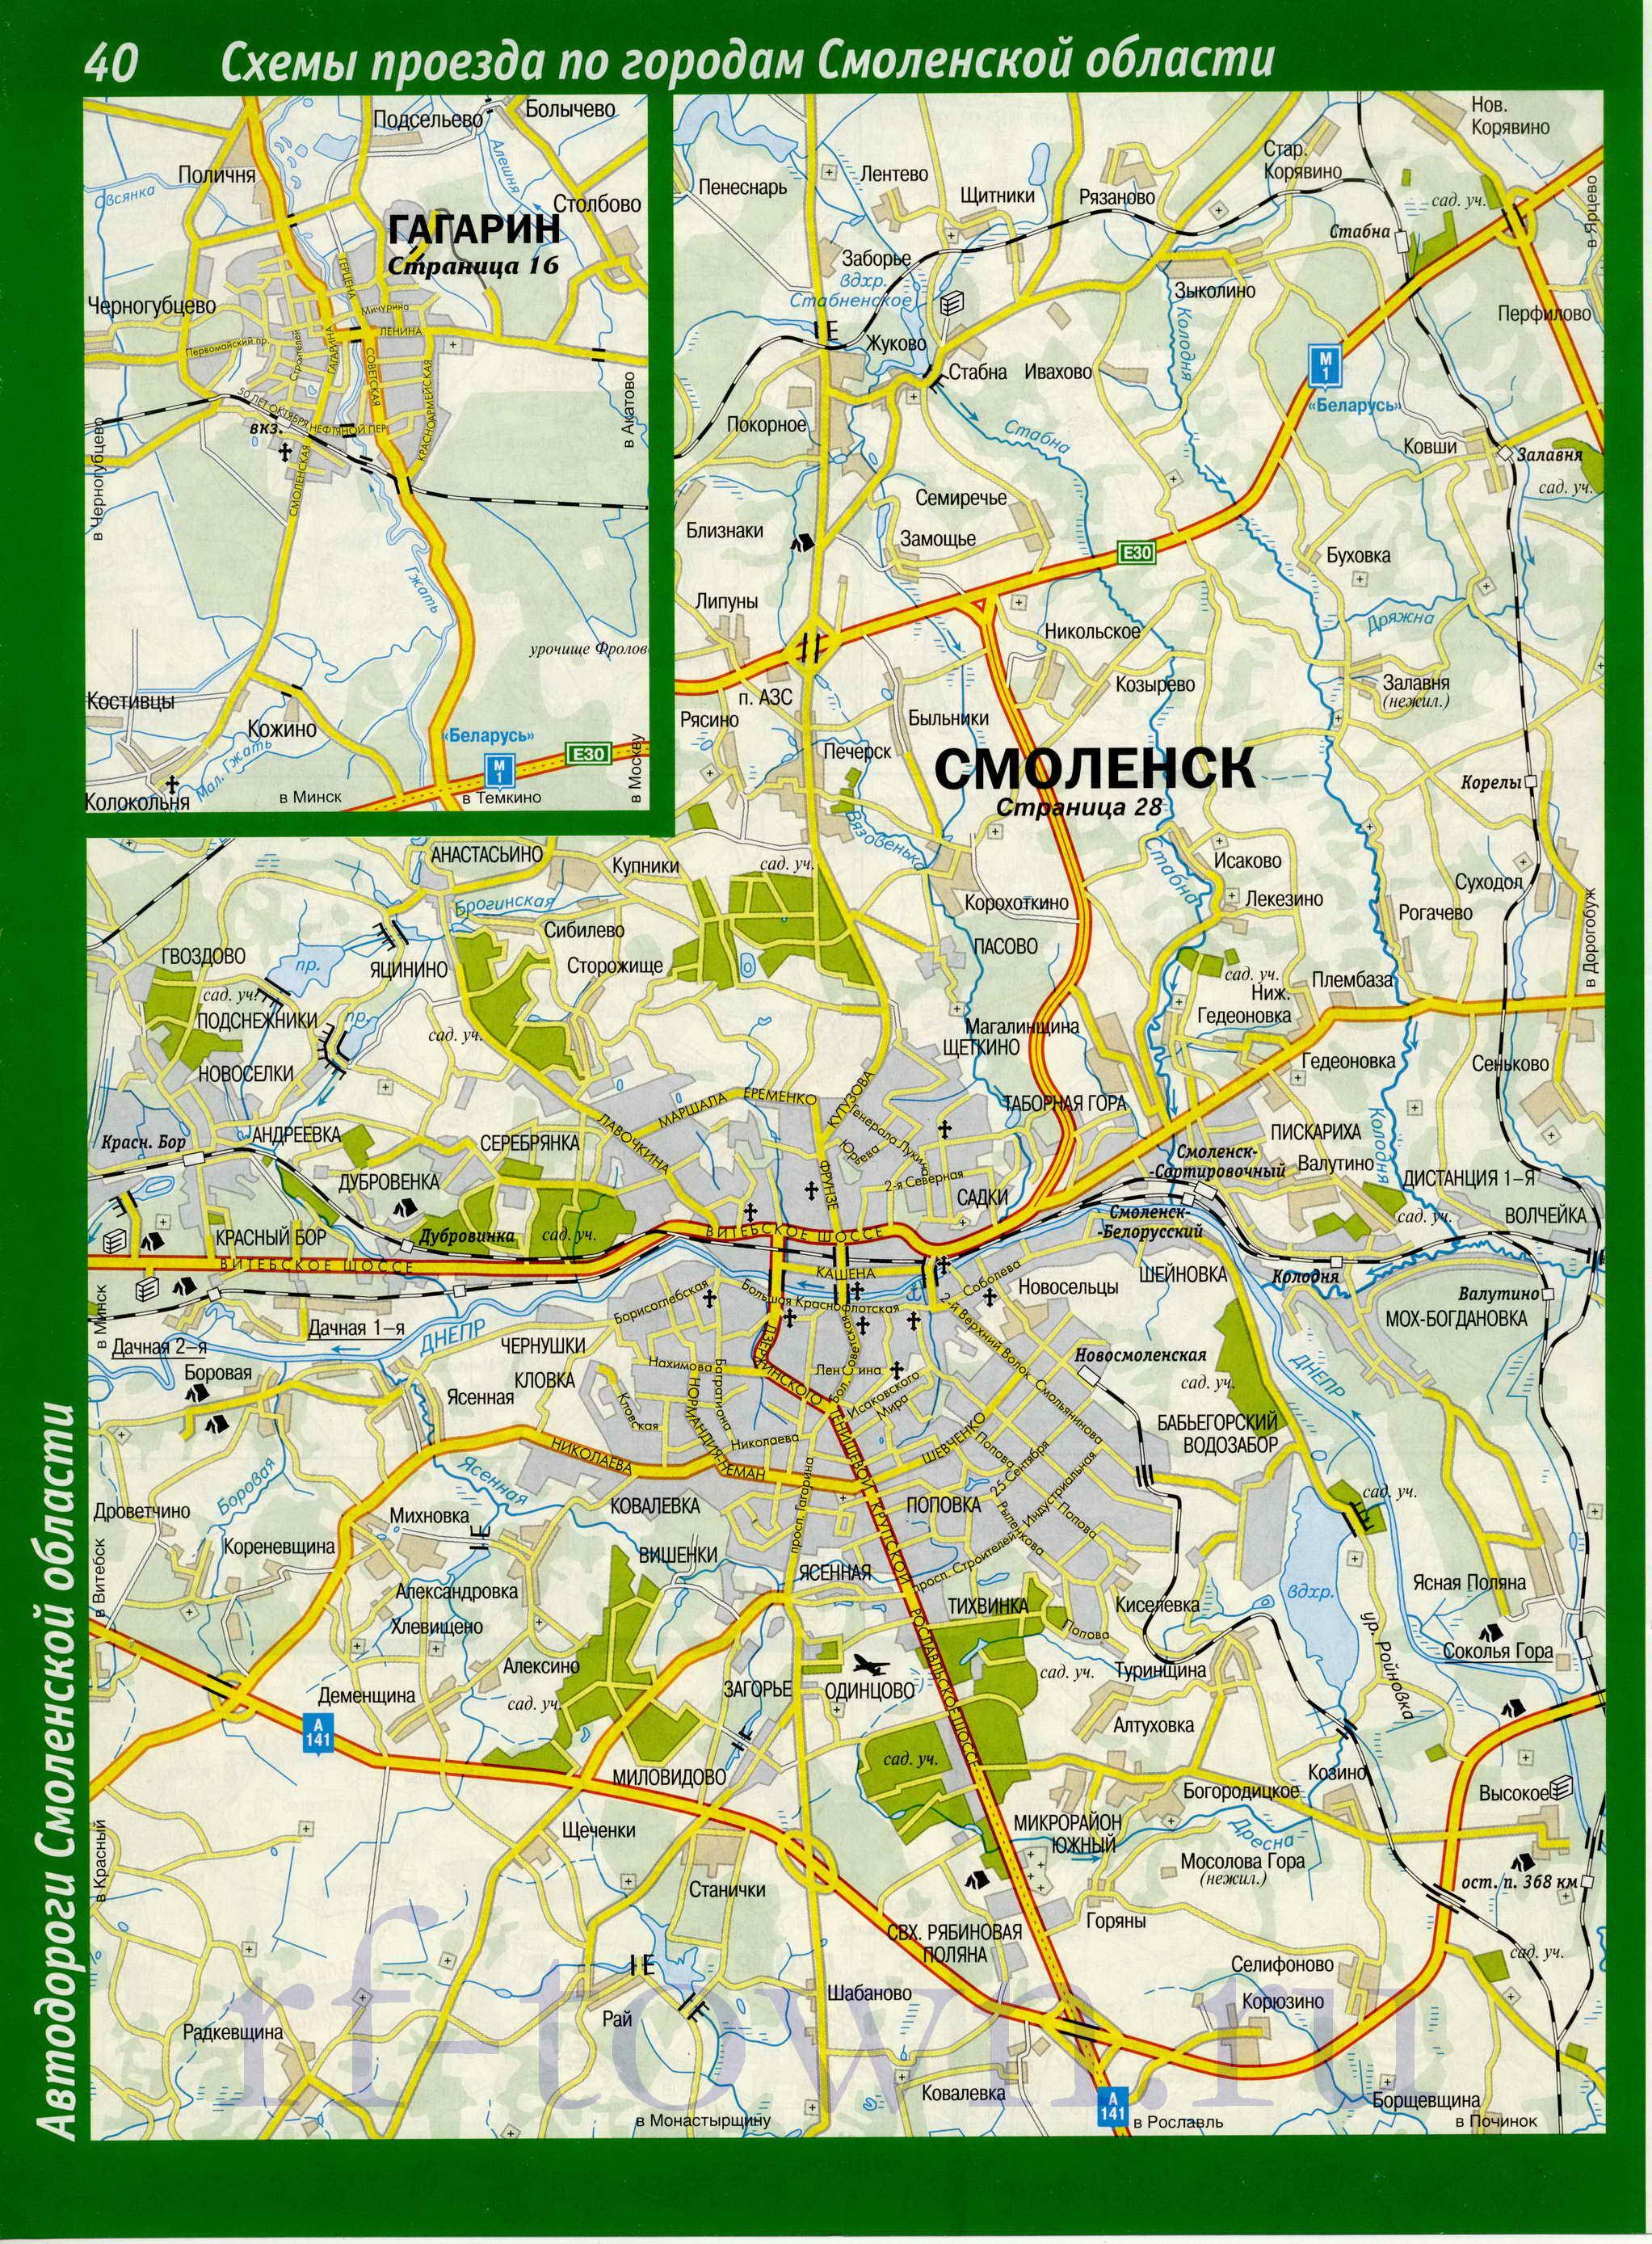 Карта Смоленска. Автомобильная карта Смоленска со схемой ...: http://smolensk-obl.ru/map1171965_0_0.htm